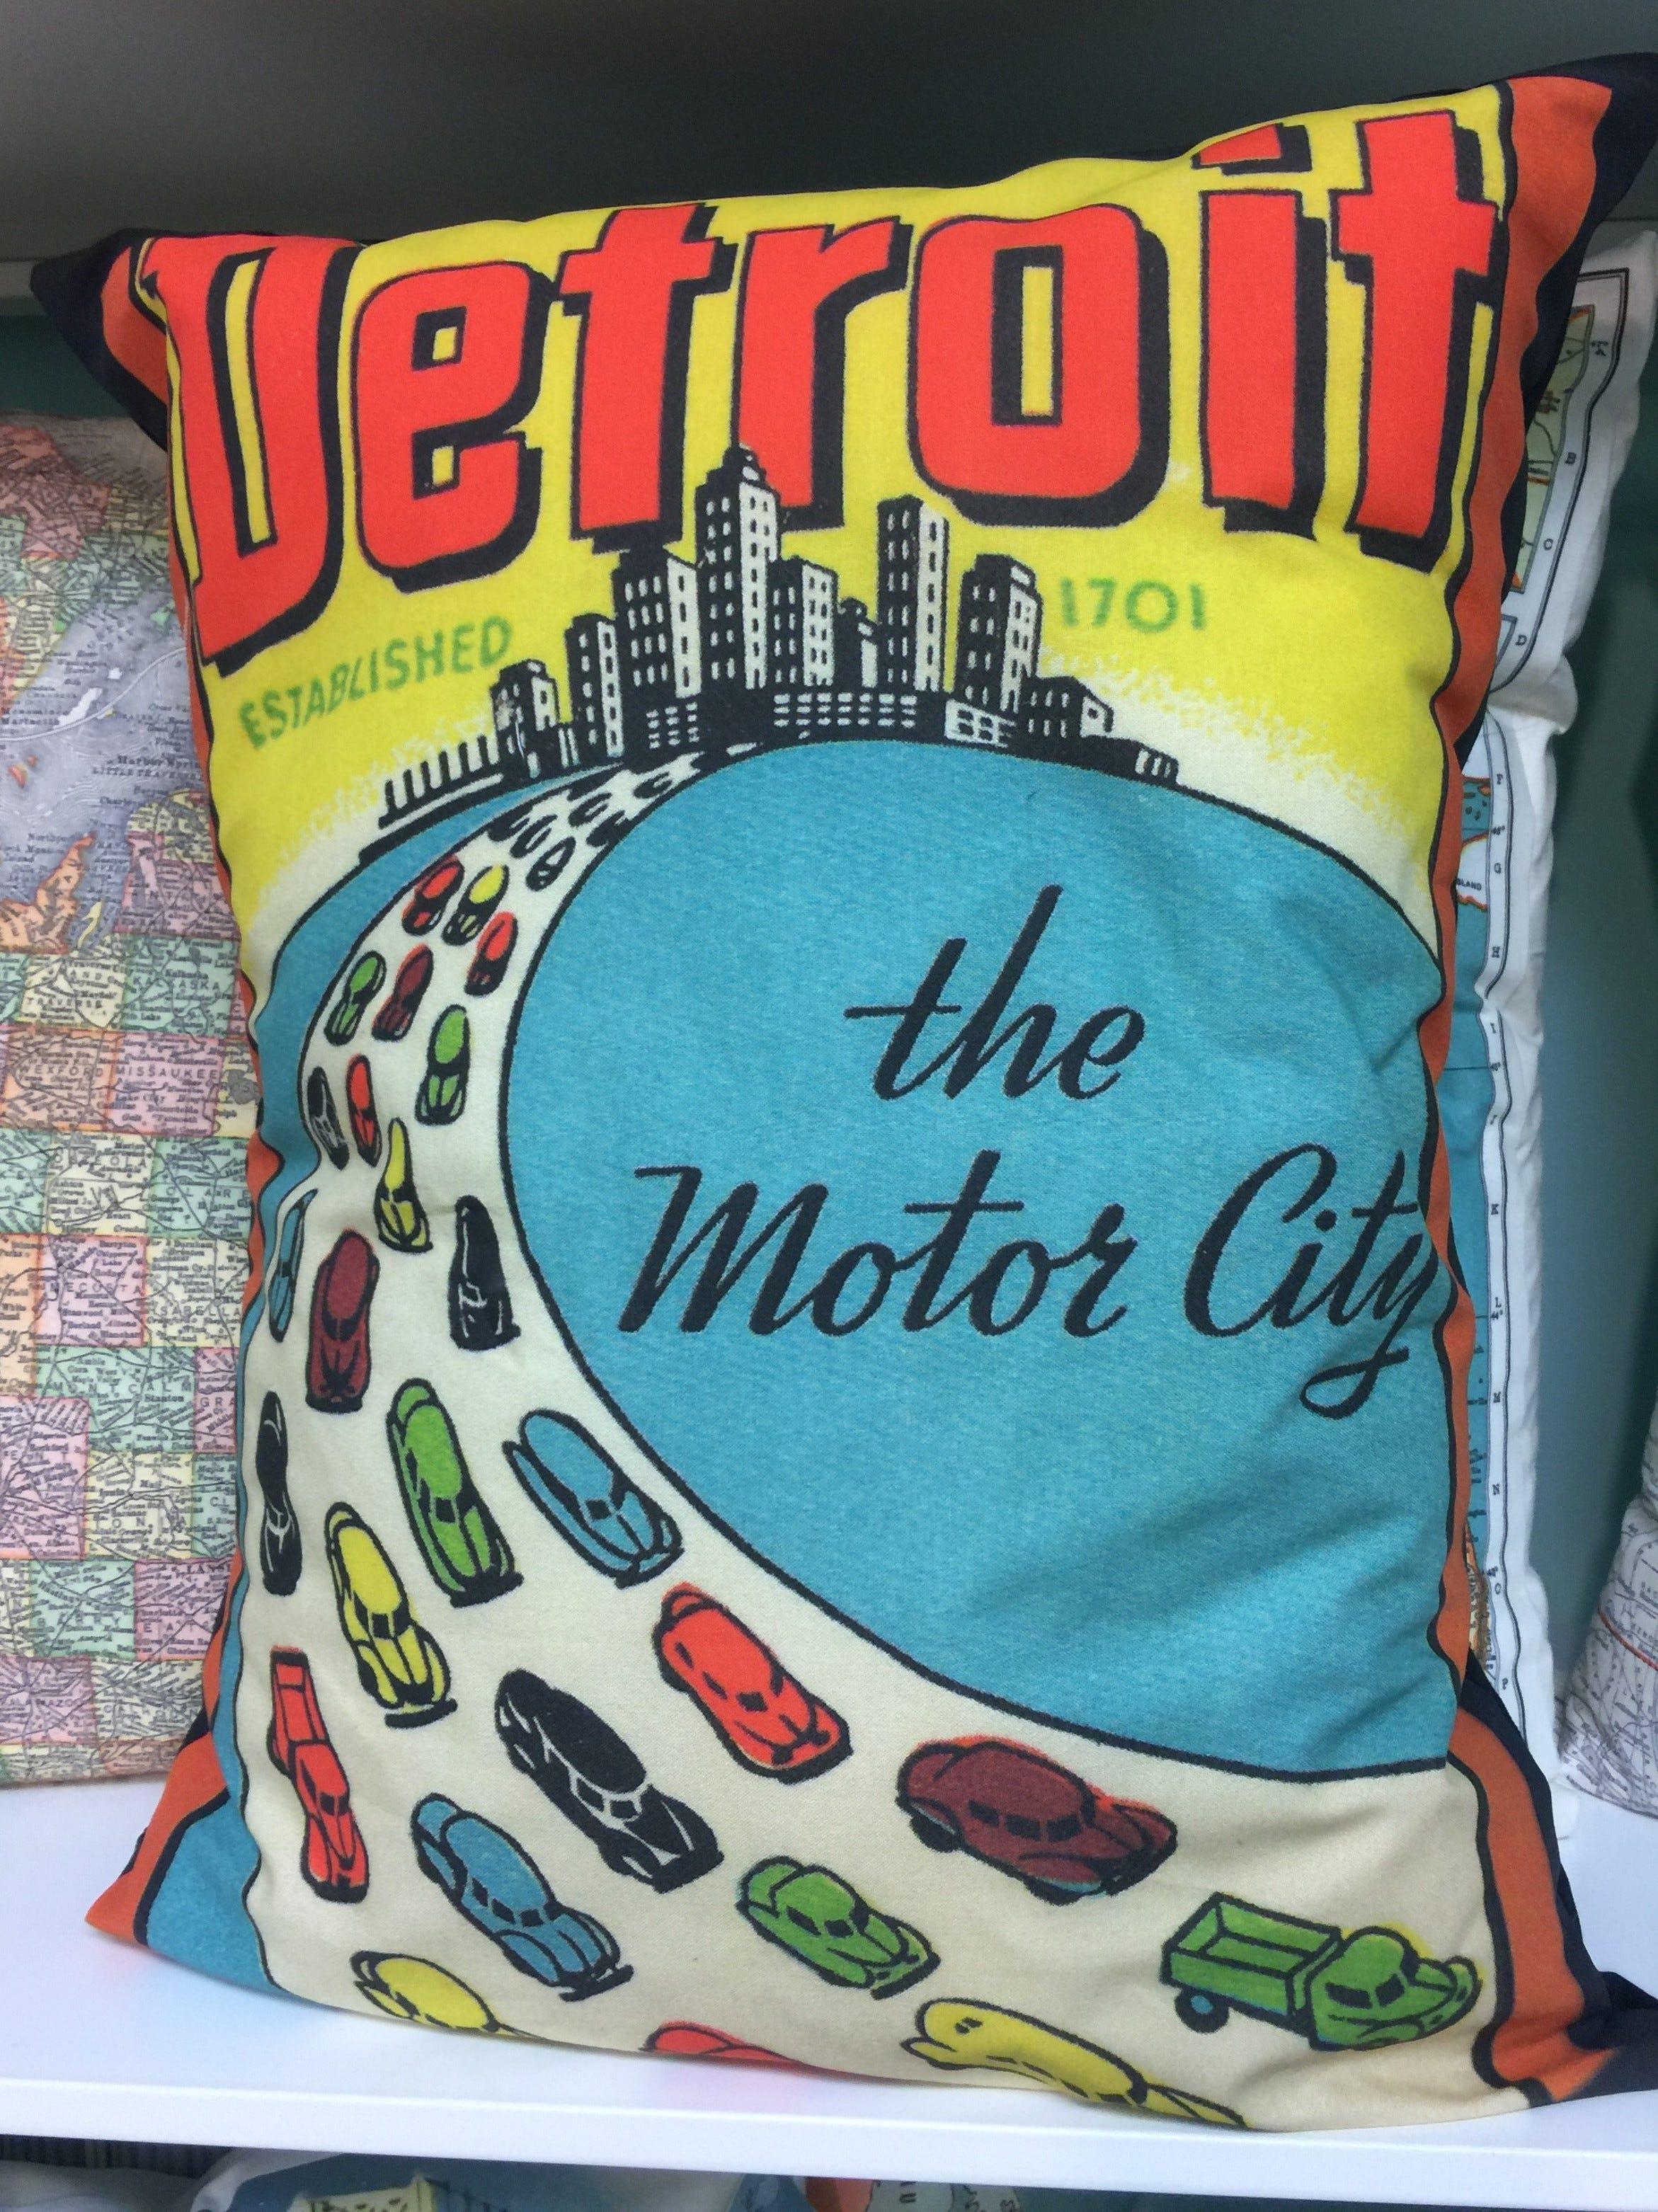 & 636675305845369144-Detroit-pillow-Yellow-Door-market.jpg